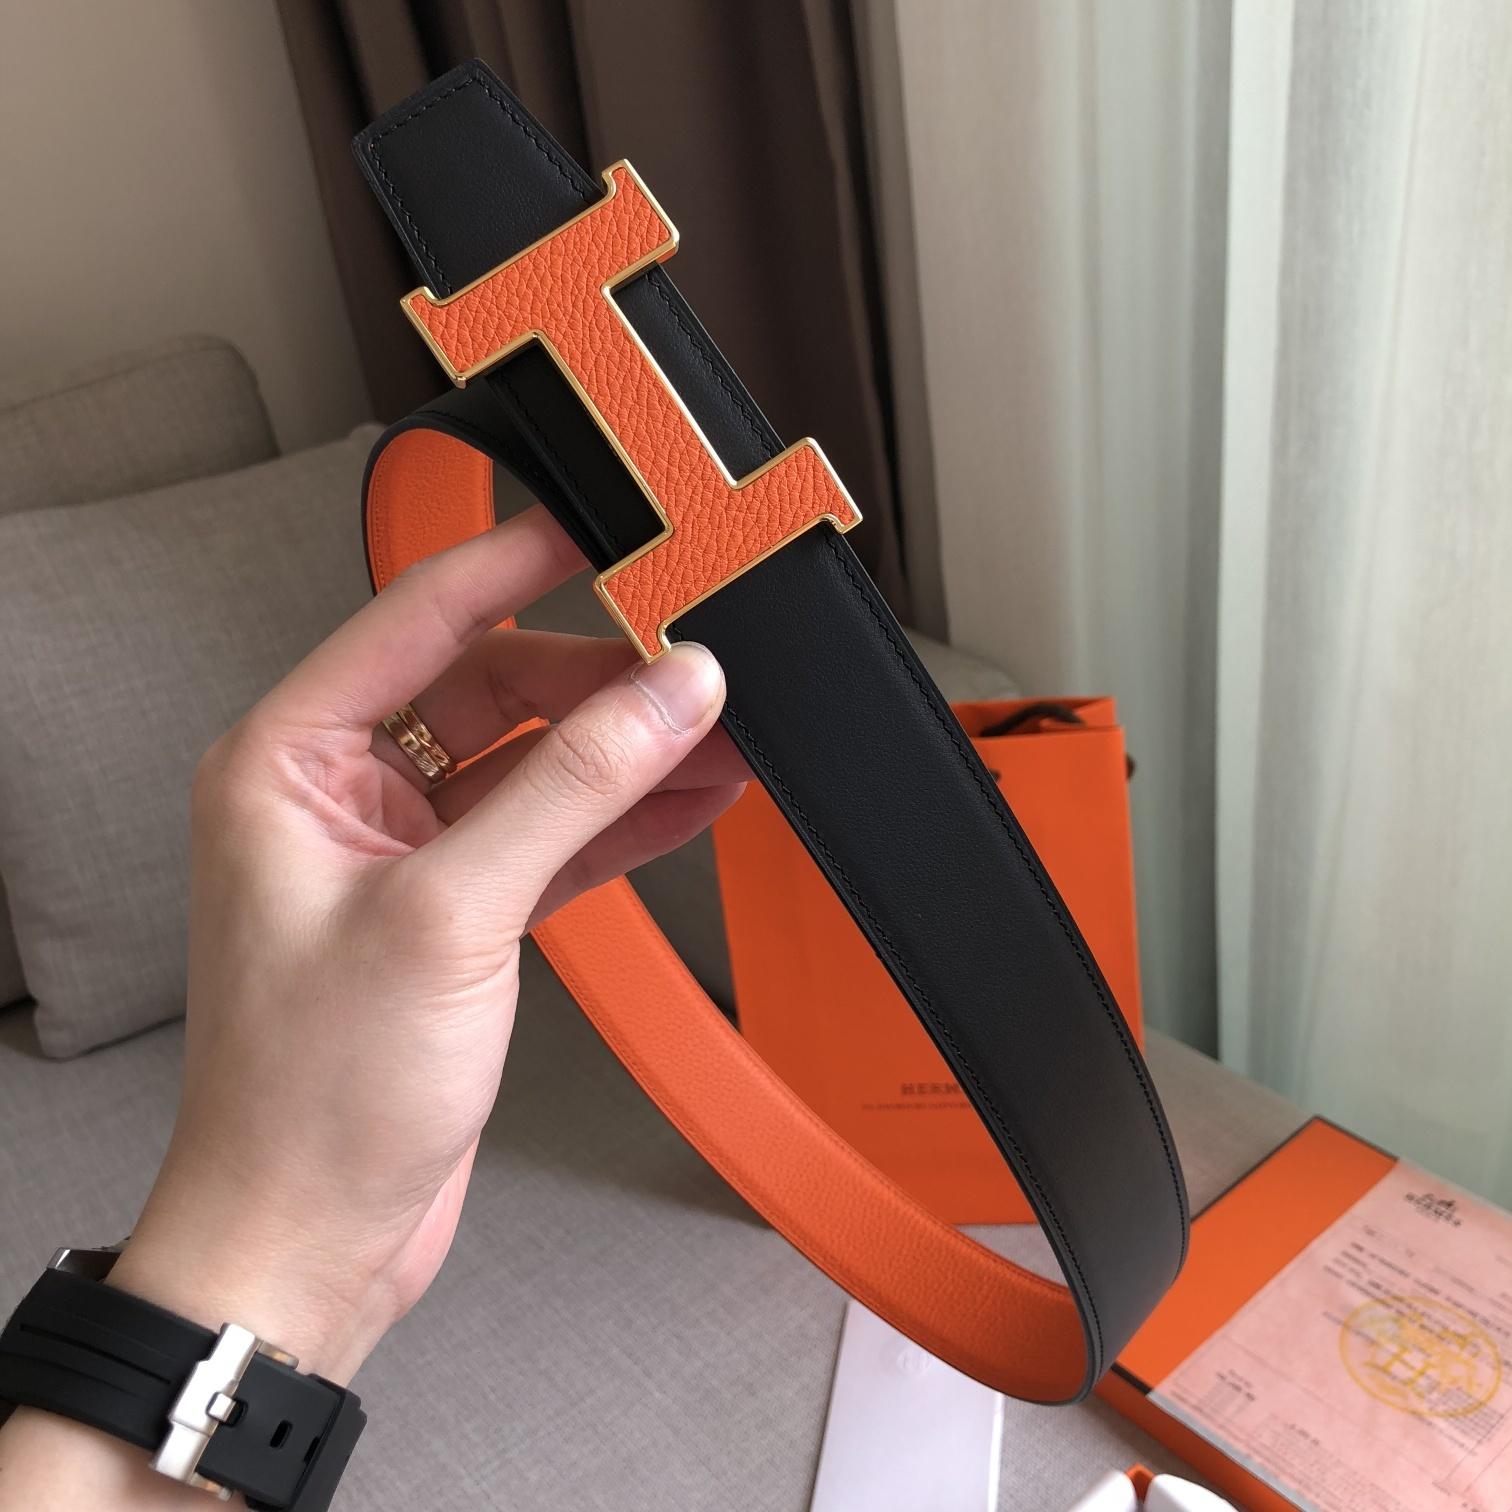 爱马仕Hermes官网同步38MM腰带(图3)